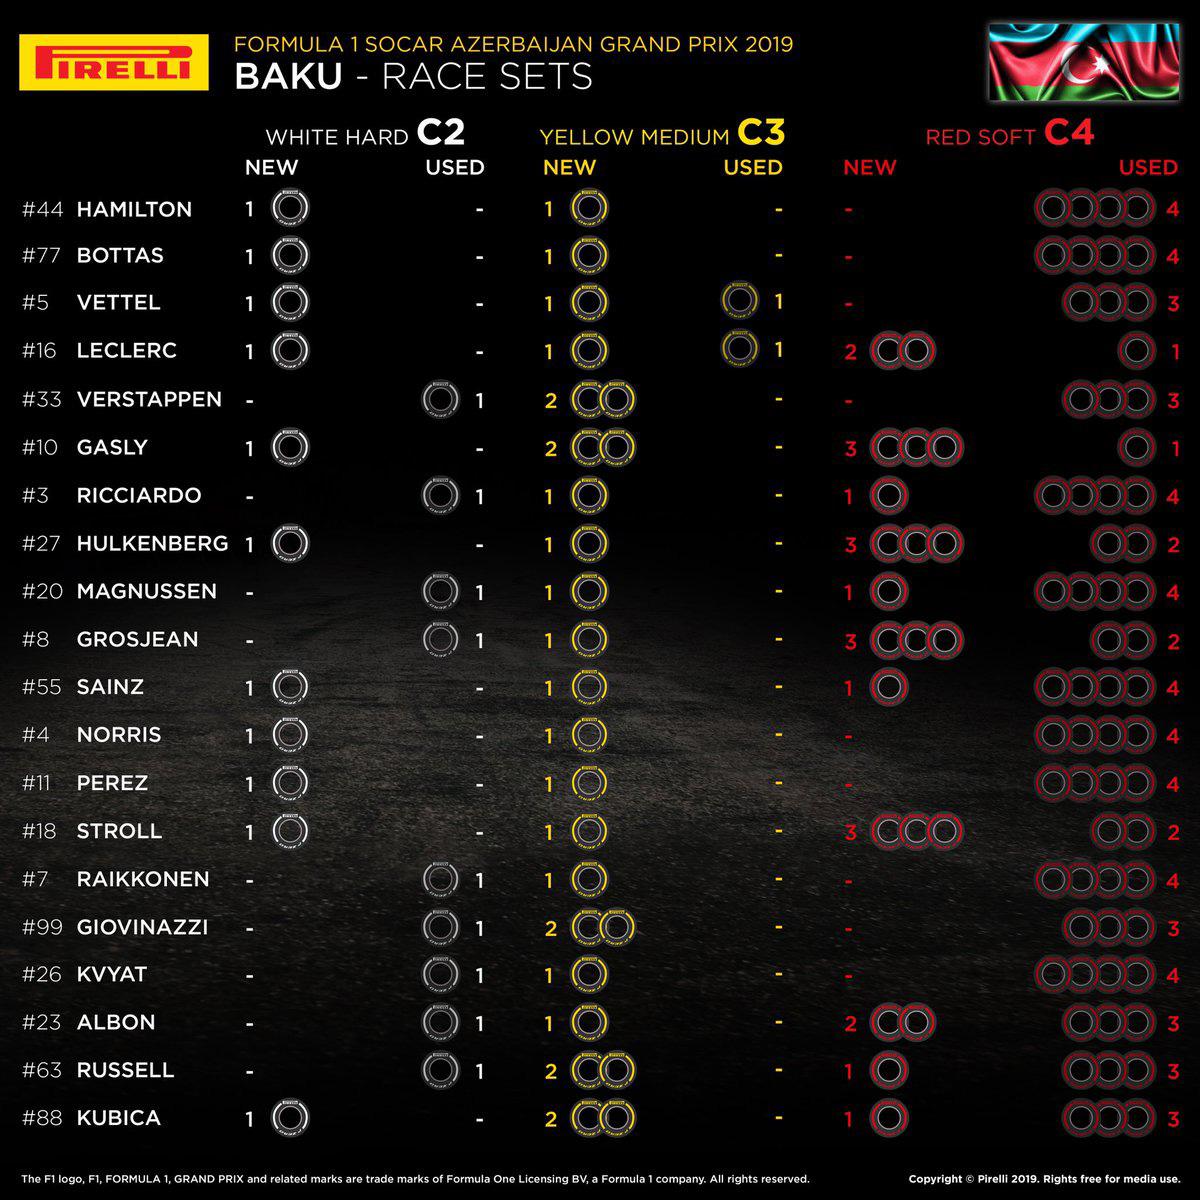 F1アゼルバイジャンGP:各ドライバーの持ちタイヤ数